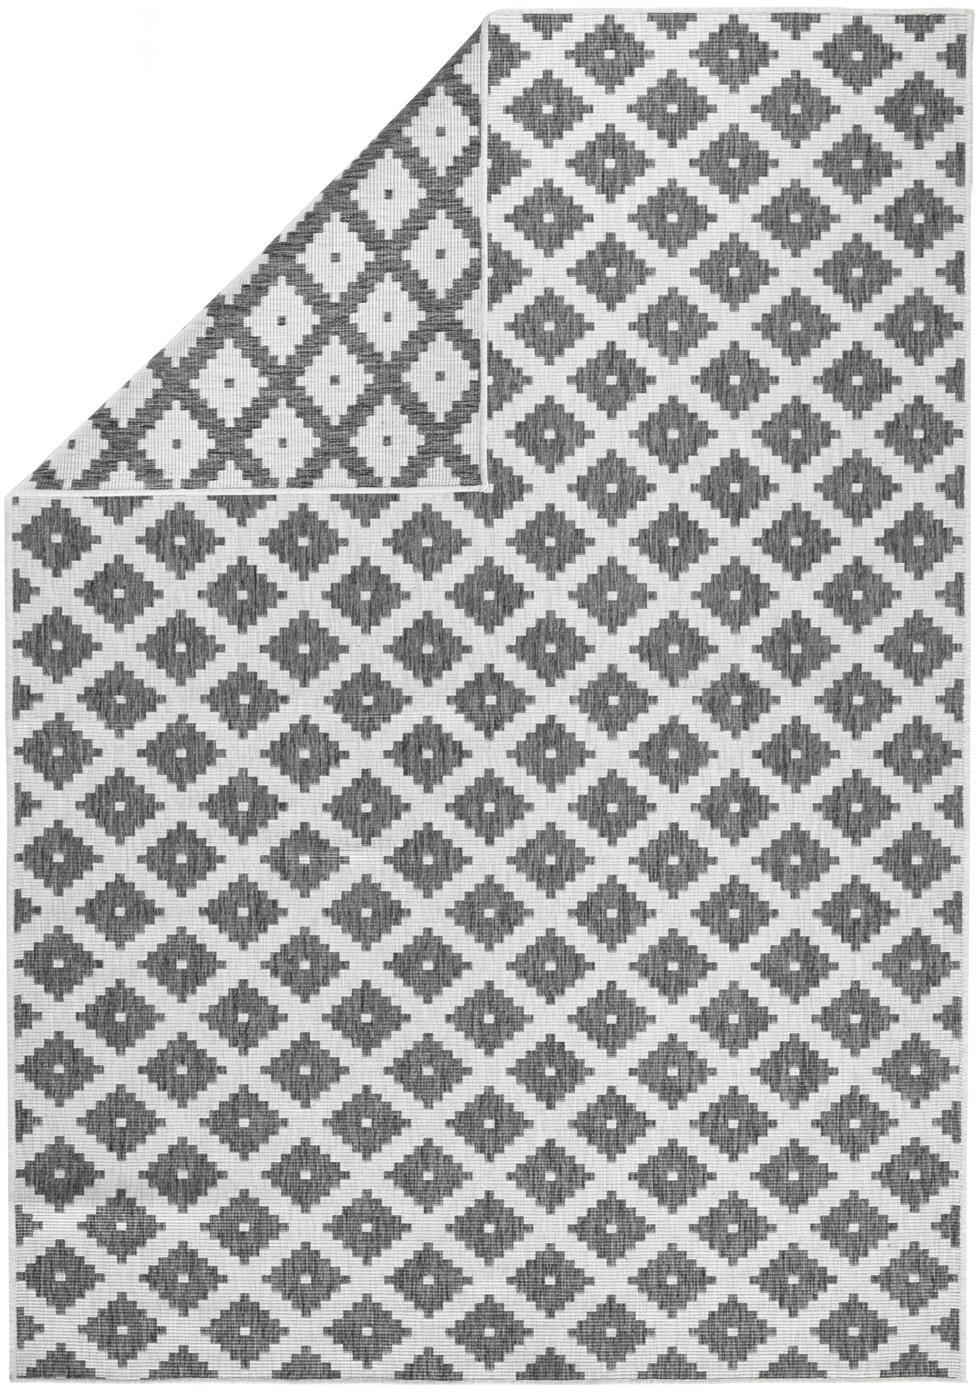 Dwustronny dywanik zewnętrzny i wewnętrzny Nizza, Szary, kremowy, S 80 x D 150 cm (Rozmiar XS)